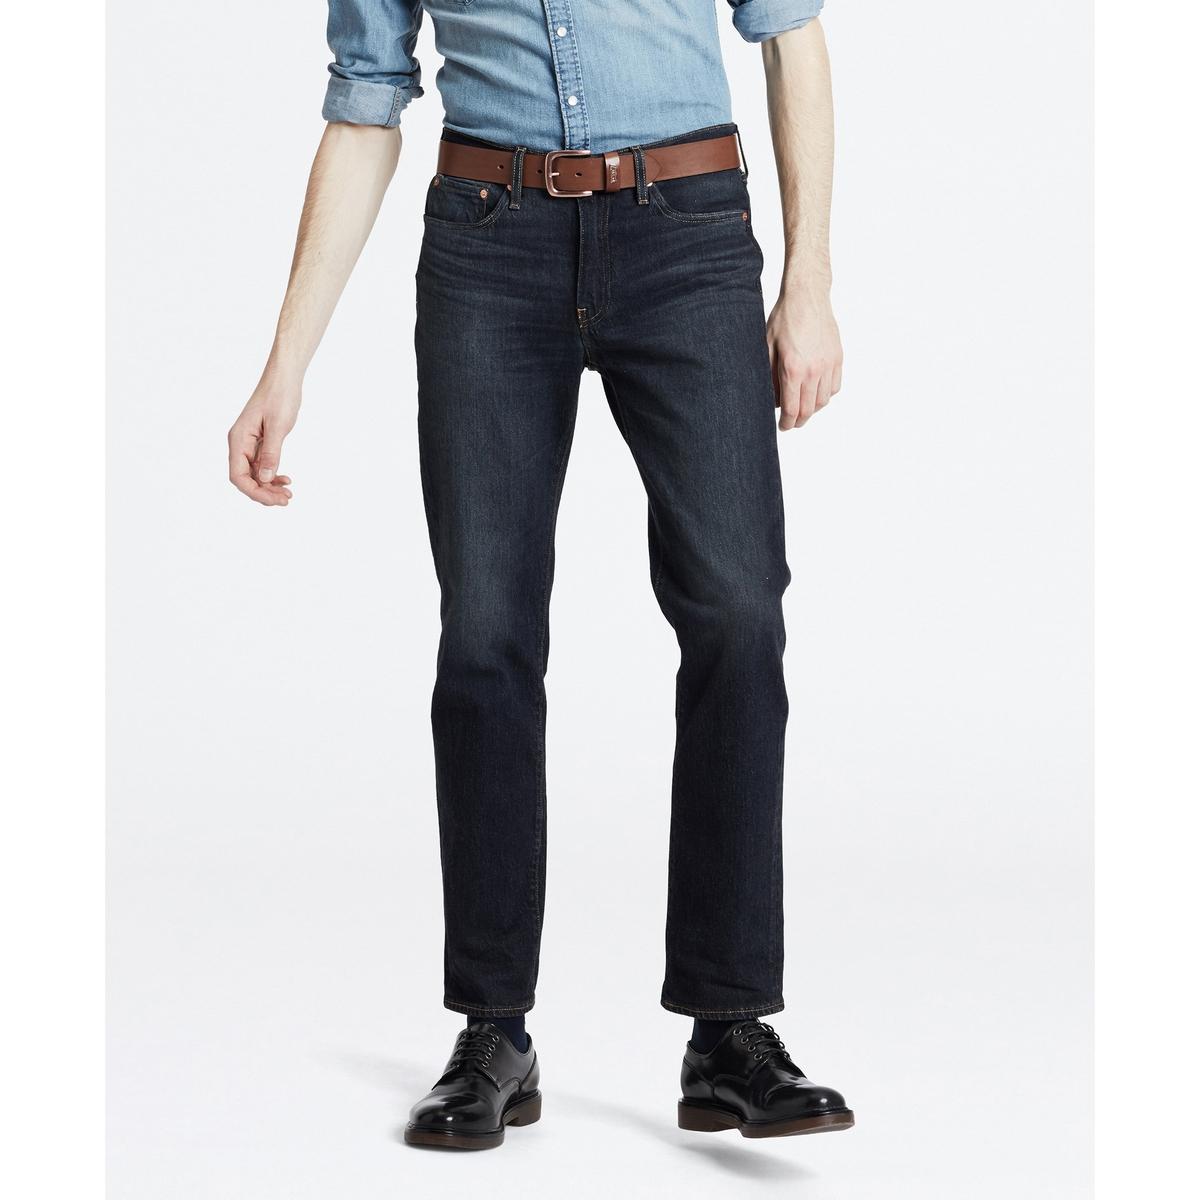 Jeans direitos ajustados 514™, da LEVIS®